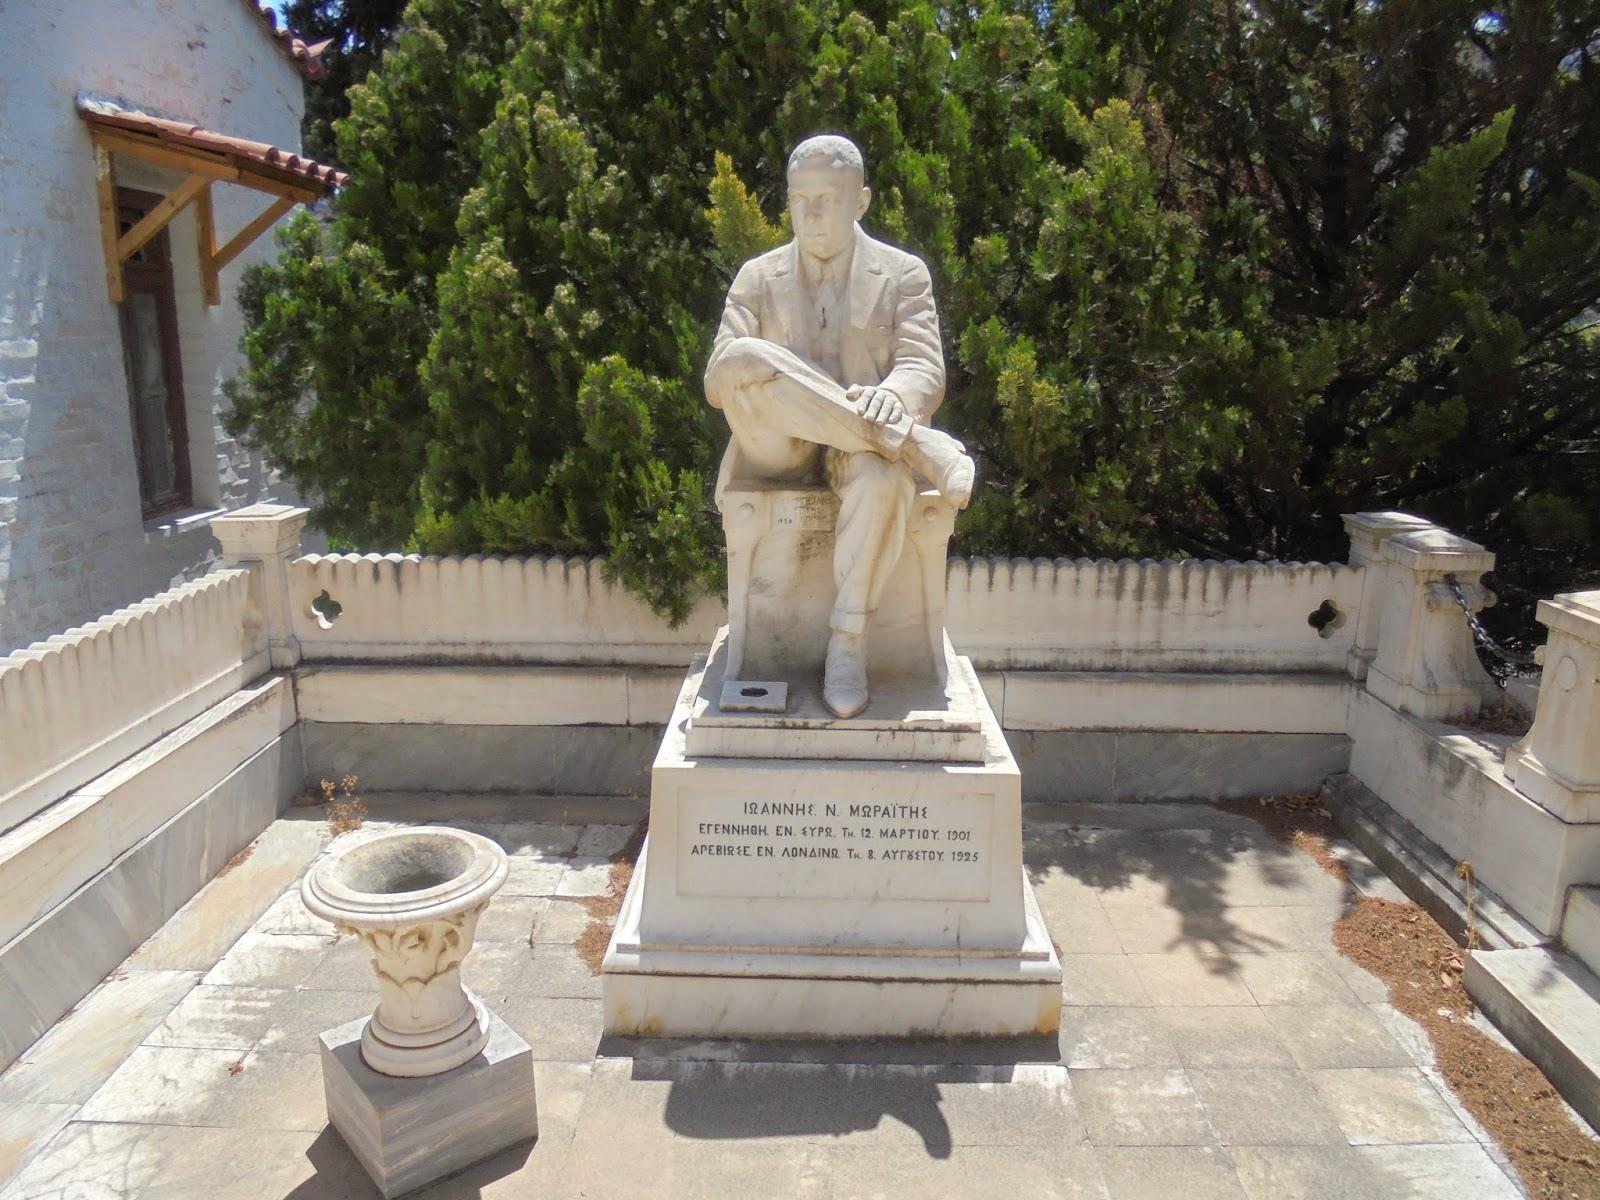 το ταφικό μνημείο του Ιωάννη Μωραΐτη στο νεκροταφείο της Άνδρου